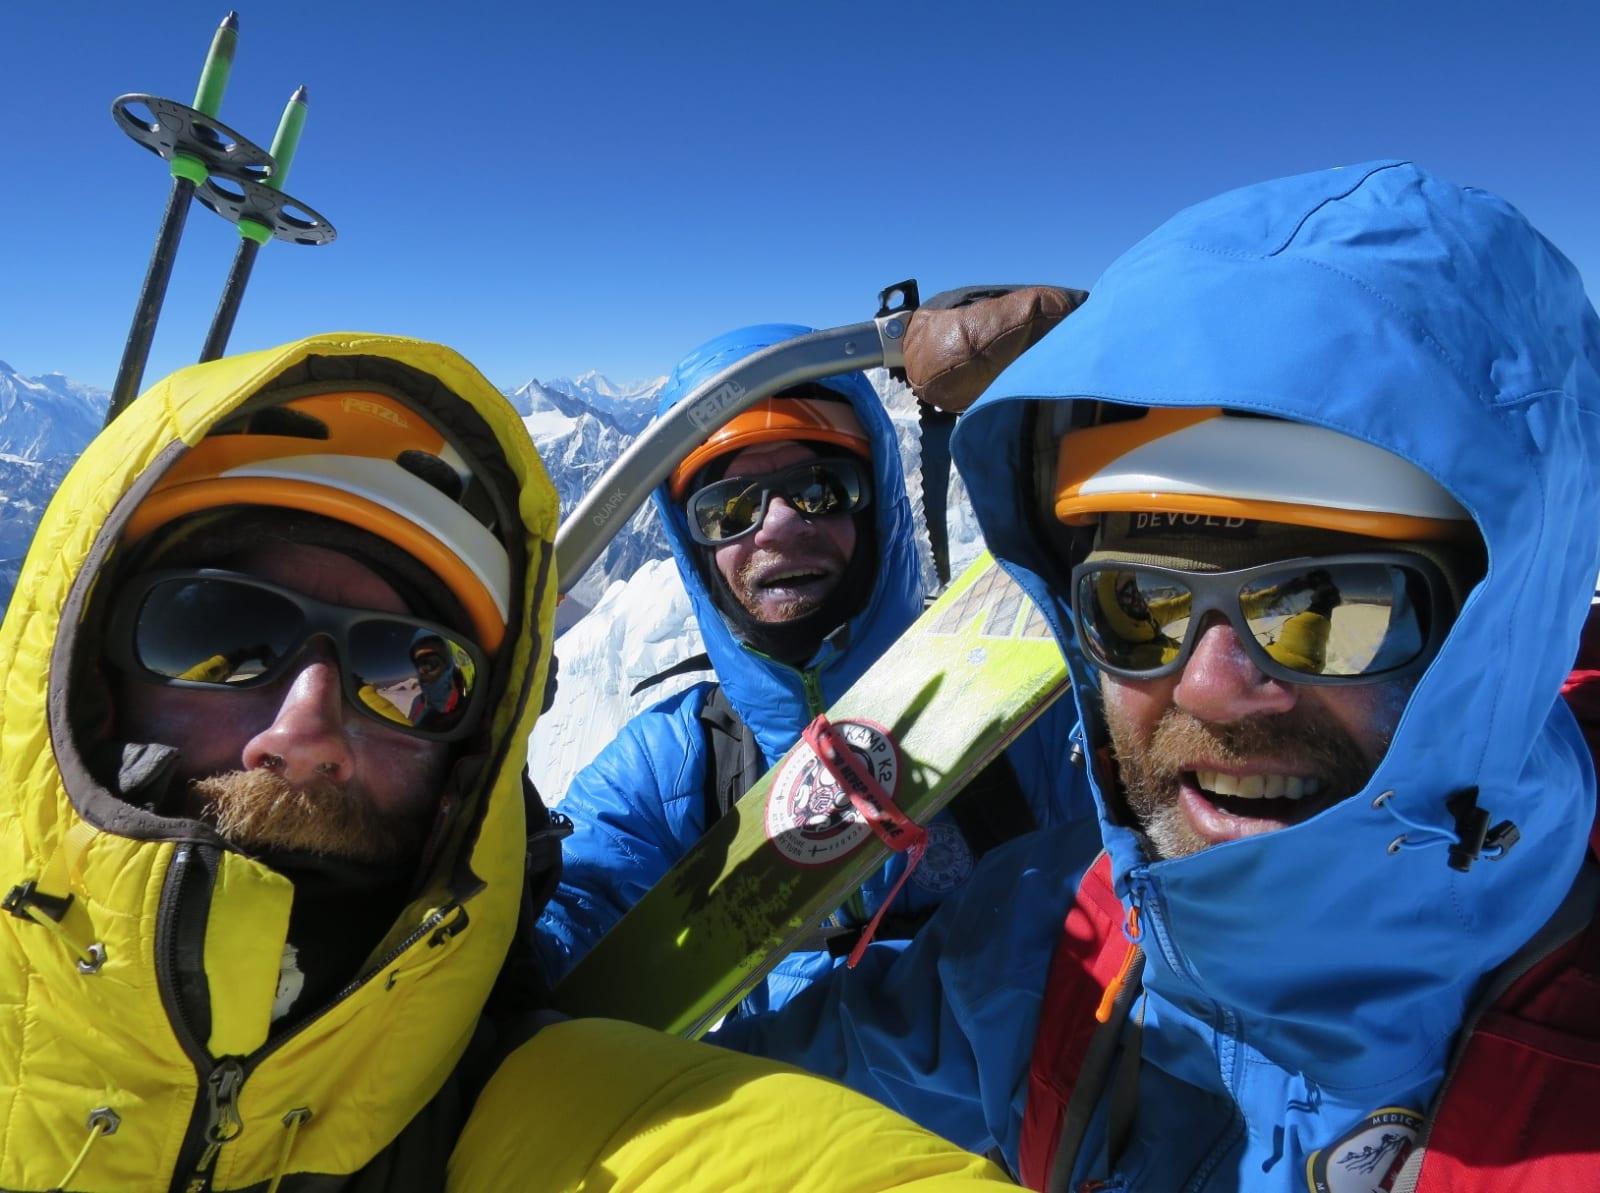 TOPPSELFIE: Aamot, Robert Caspersen og Sigurd Felde på toppen av Pawar Himal. Aamot kjørte på ski ned. Bilde: Aamot